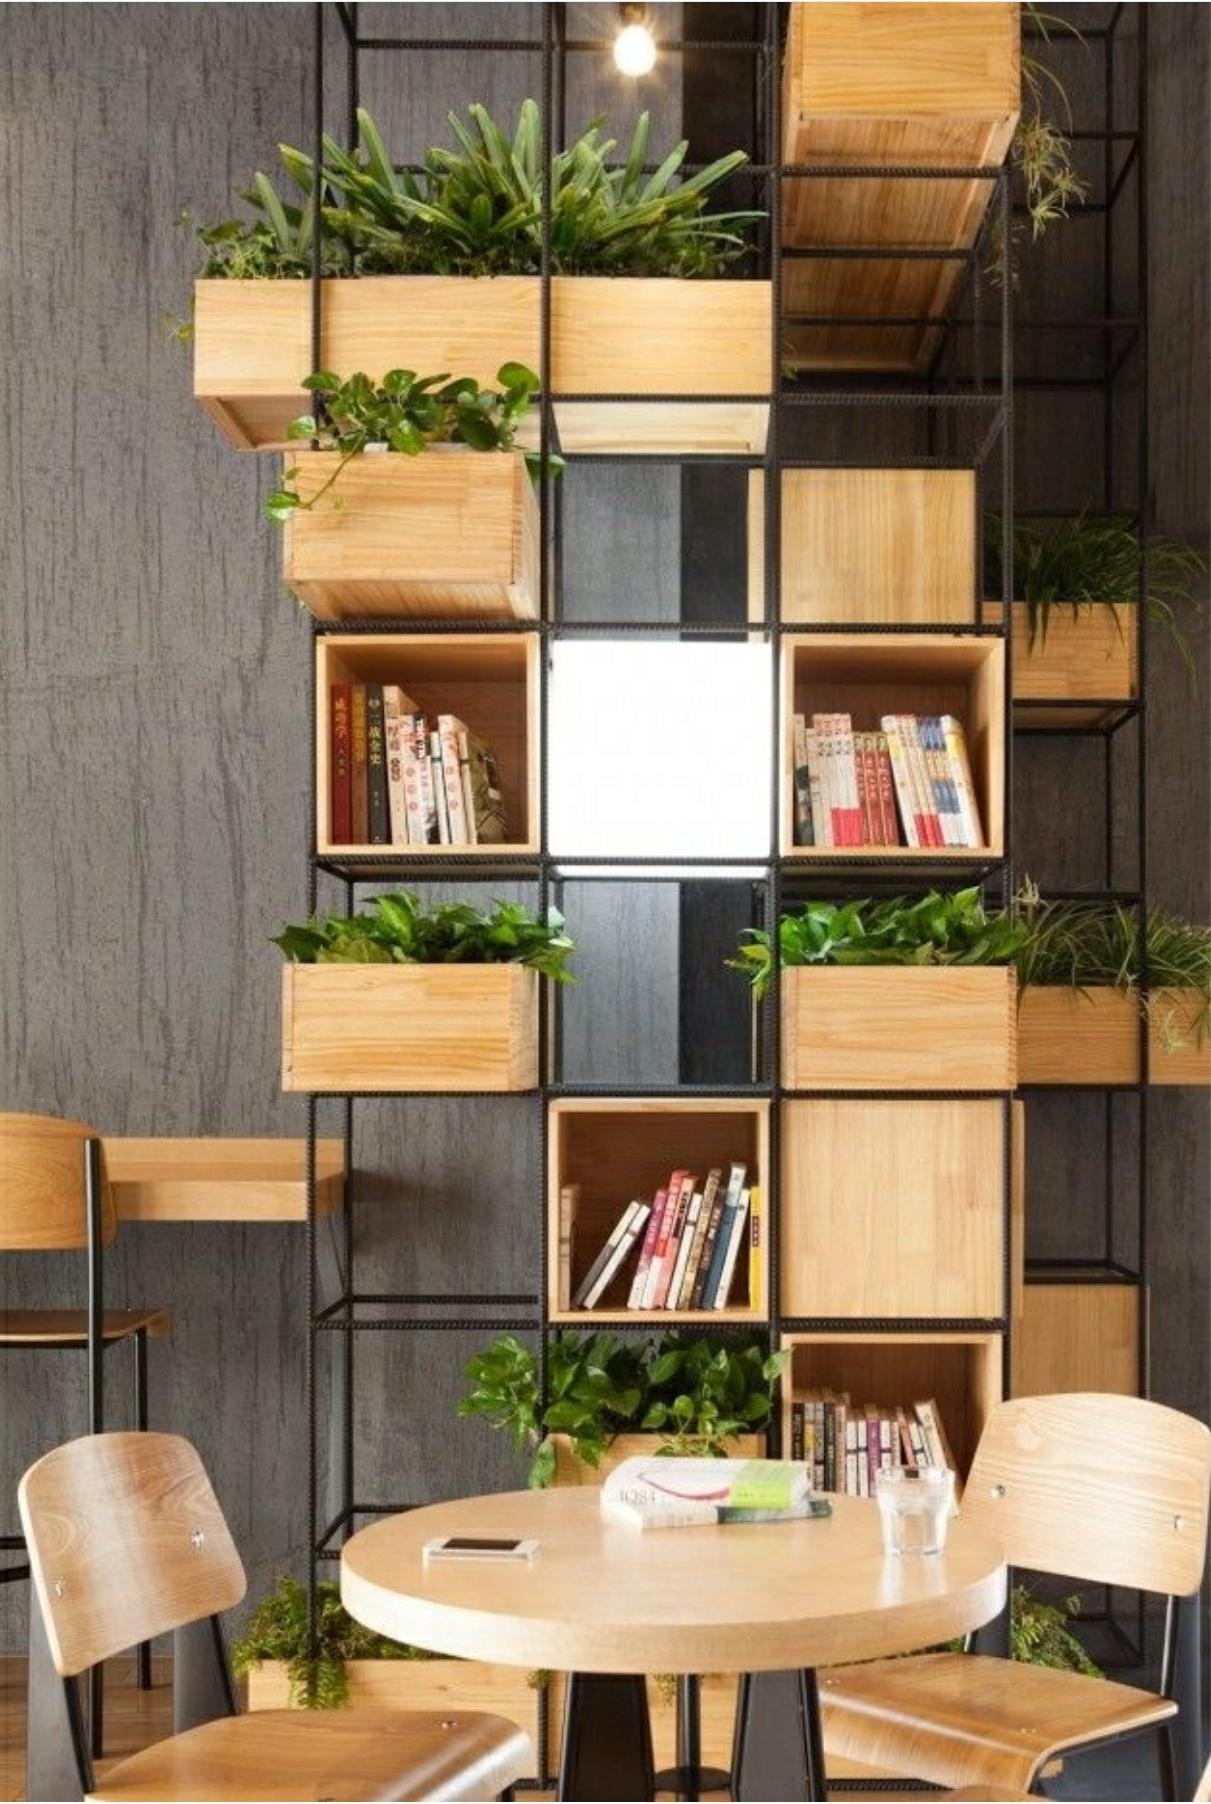 Innenarchitektur für wohnzimmer für kleines haus room divider shelves slidingroomdividerhallways